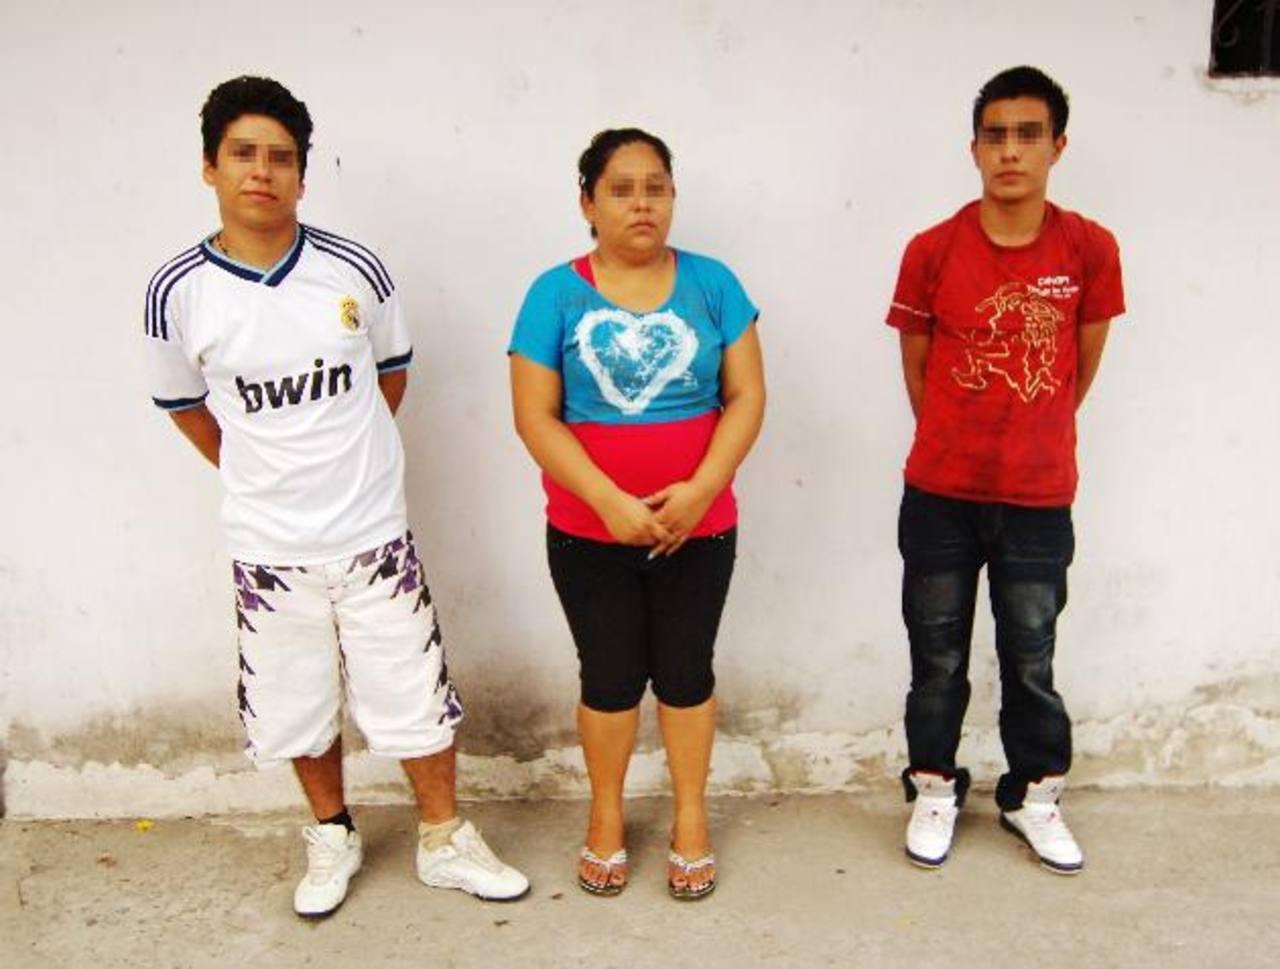 José Alfredo Valencia, Rosaura García y José Valladares; este último ha aceptado ser el protagonista del video pornográfico junto a su novia, una menor de edad. Foto EDH / Marlon Hernández